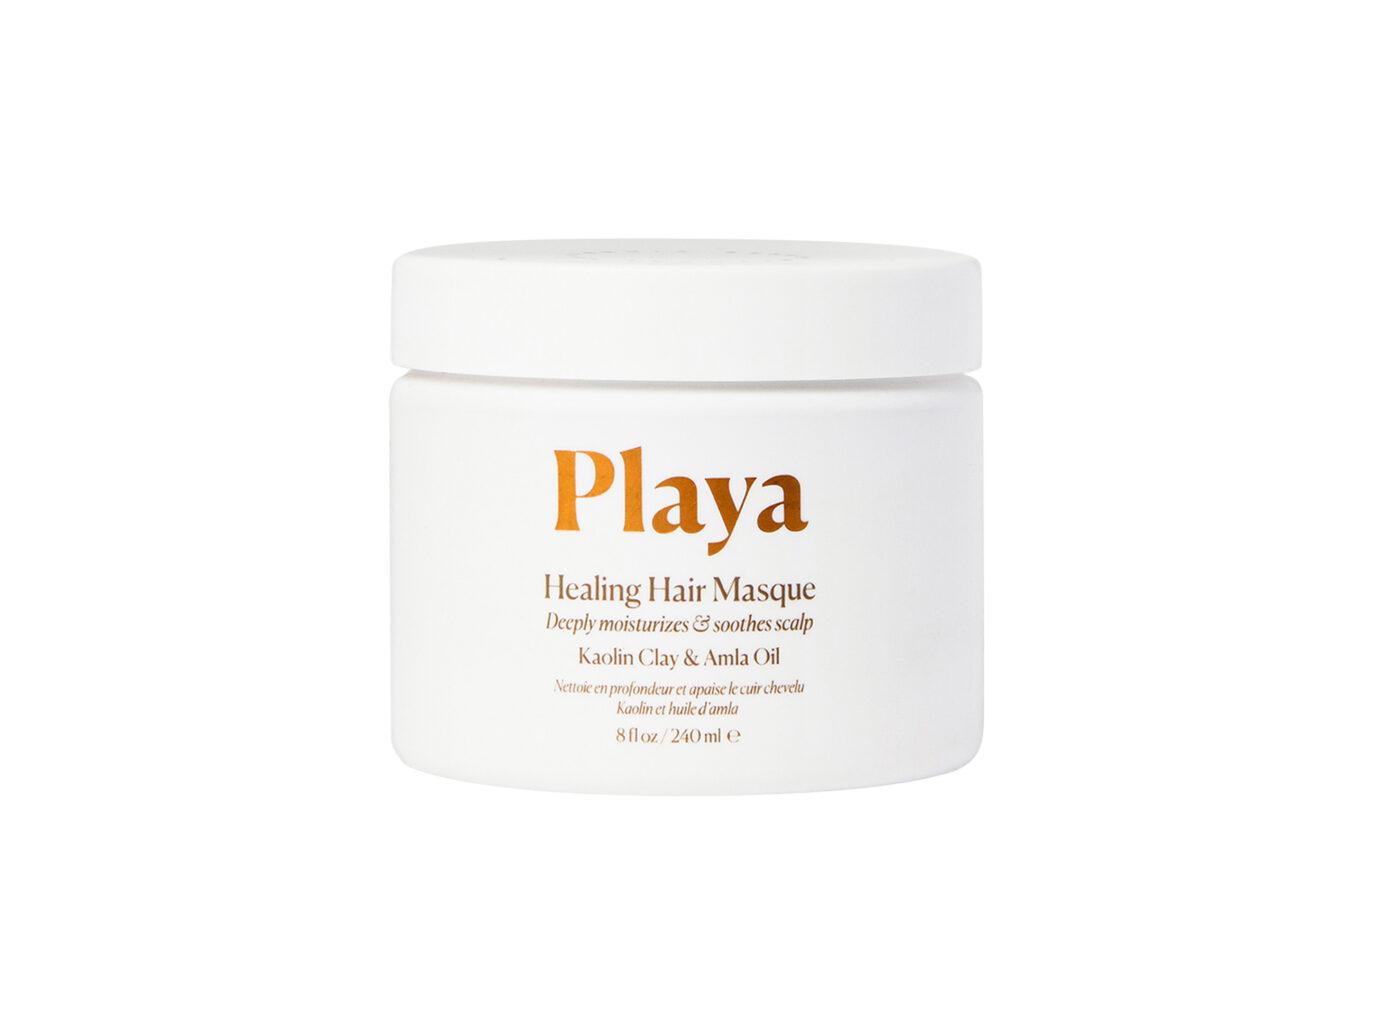 Playa Healing Hair Masque